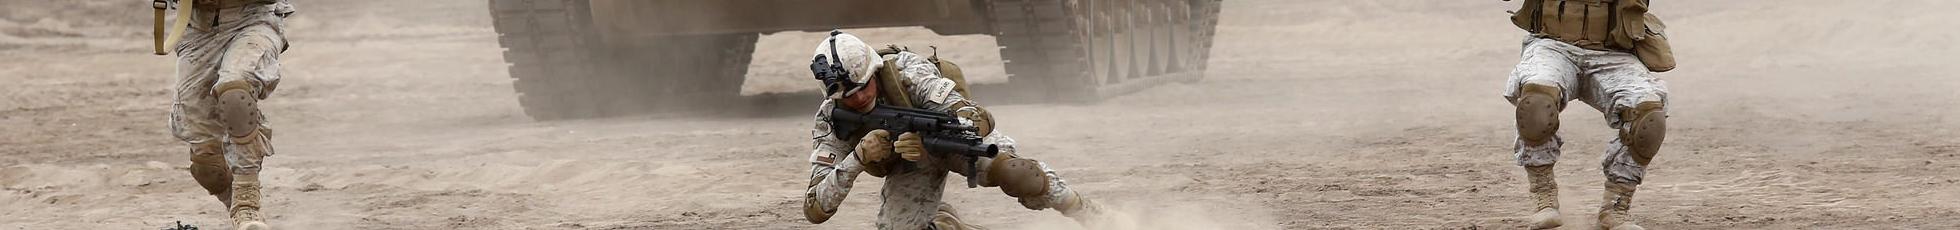 Imagen de Encabezado 4, Ejercito de Chile en ejercicios de guerra